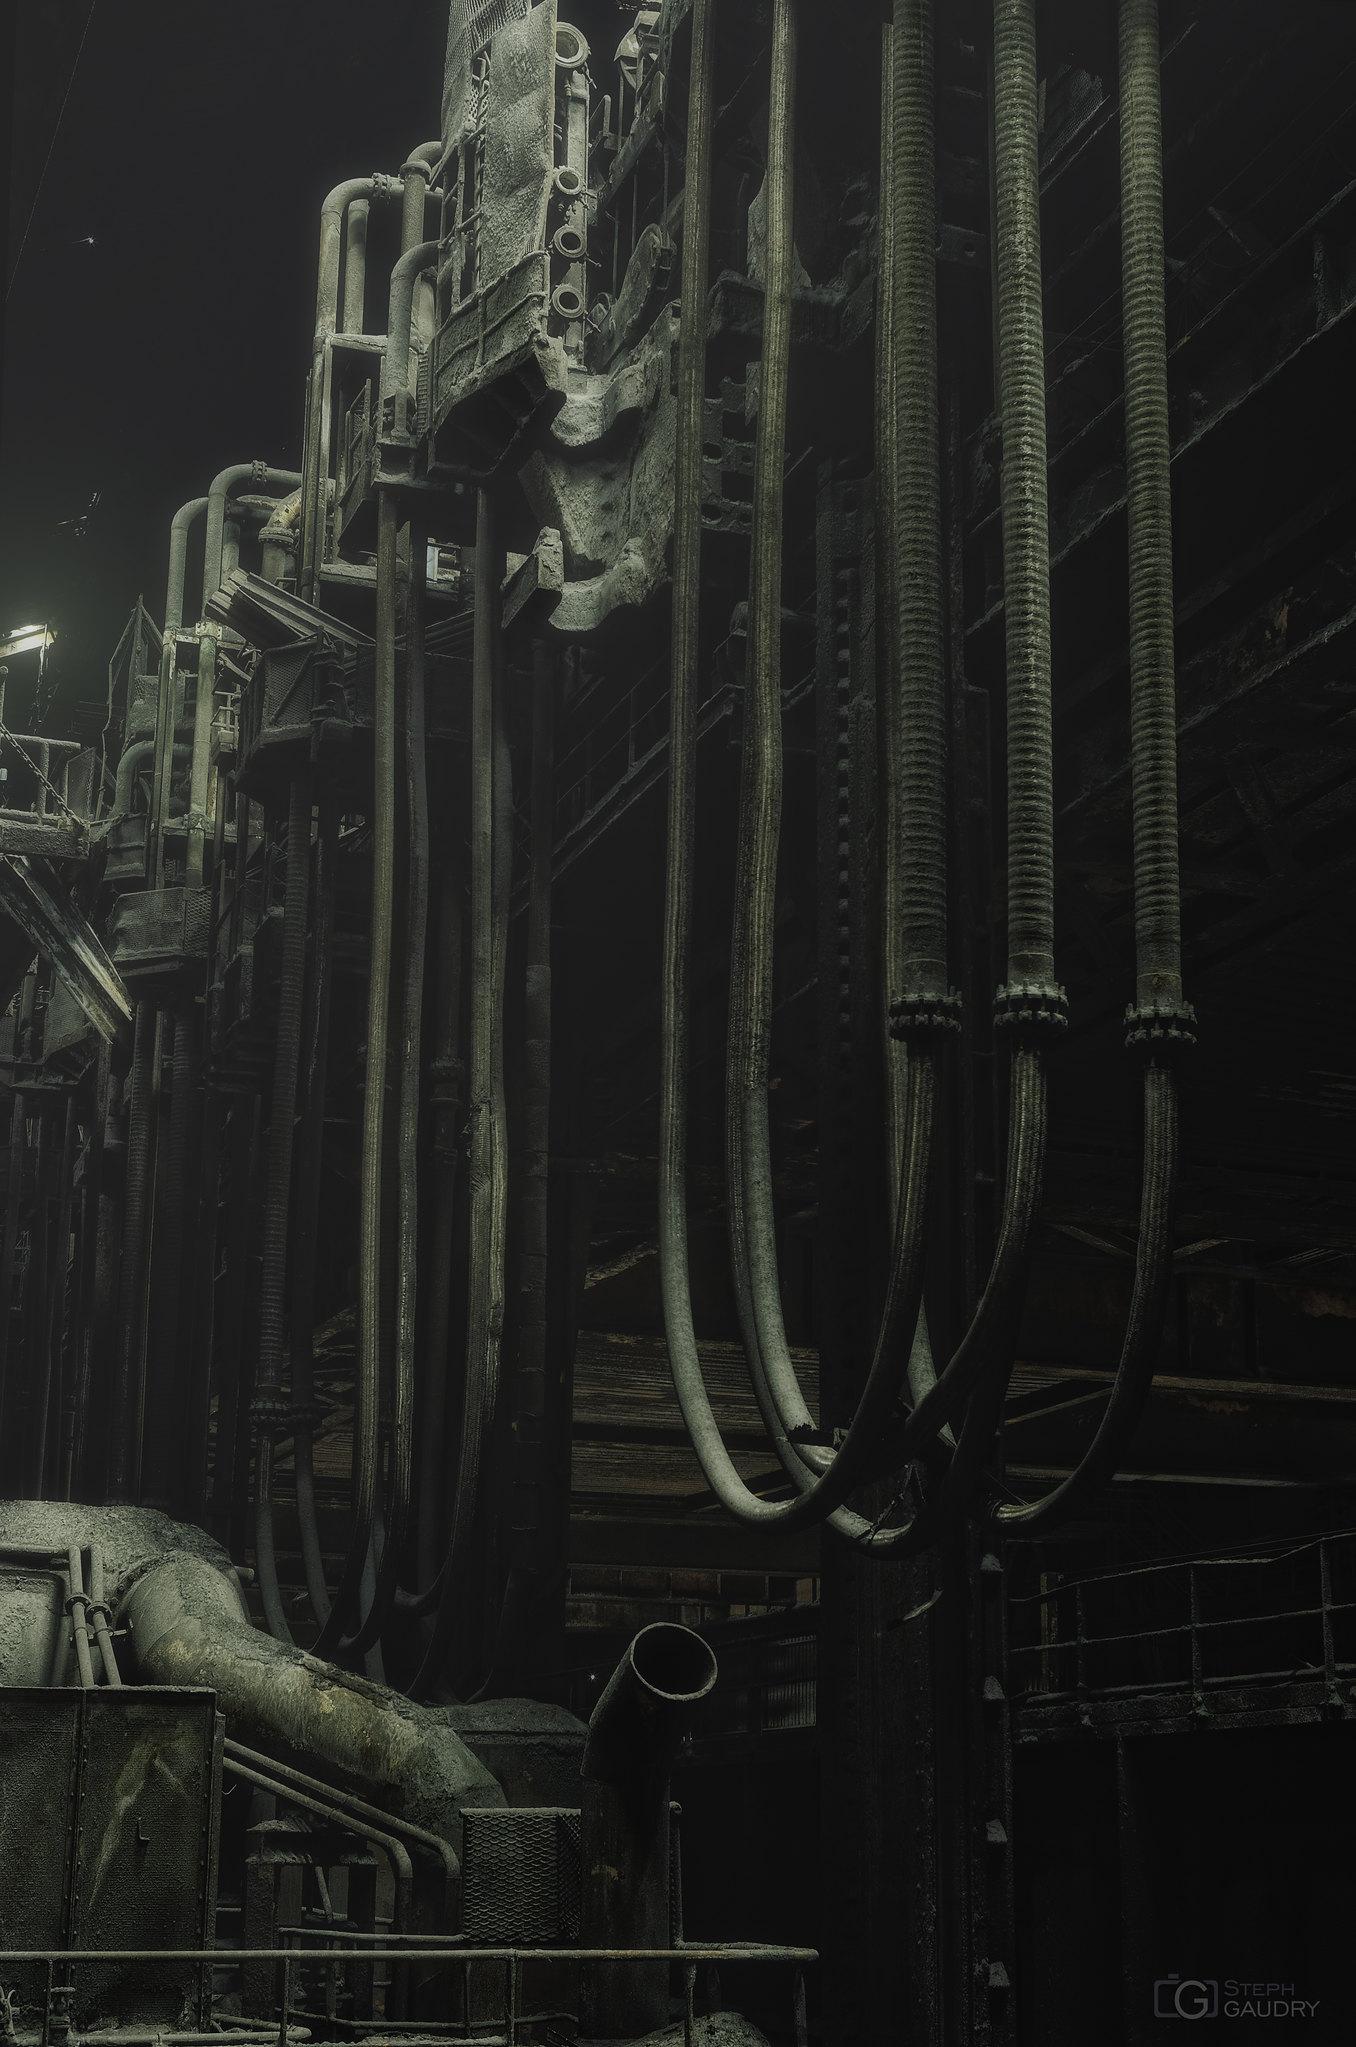 Necronom's environment